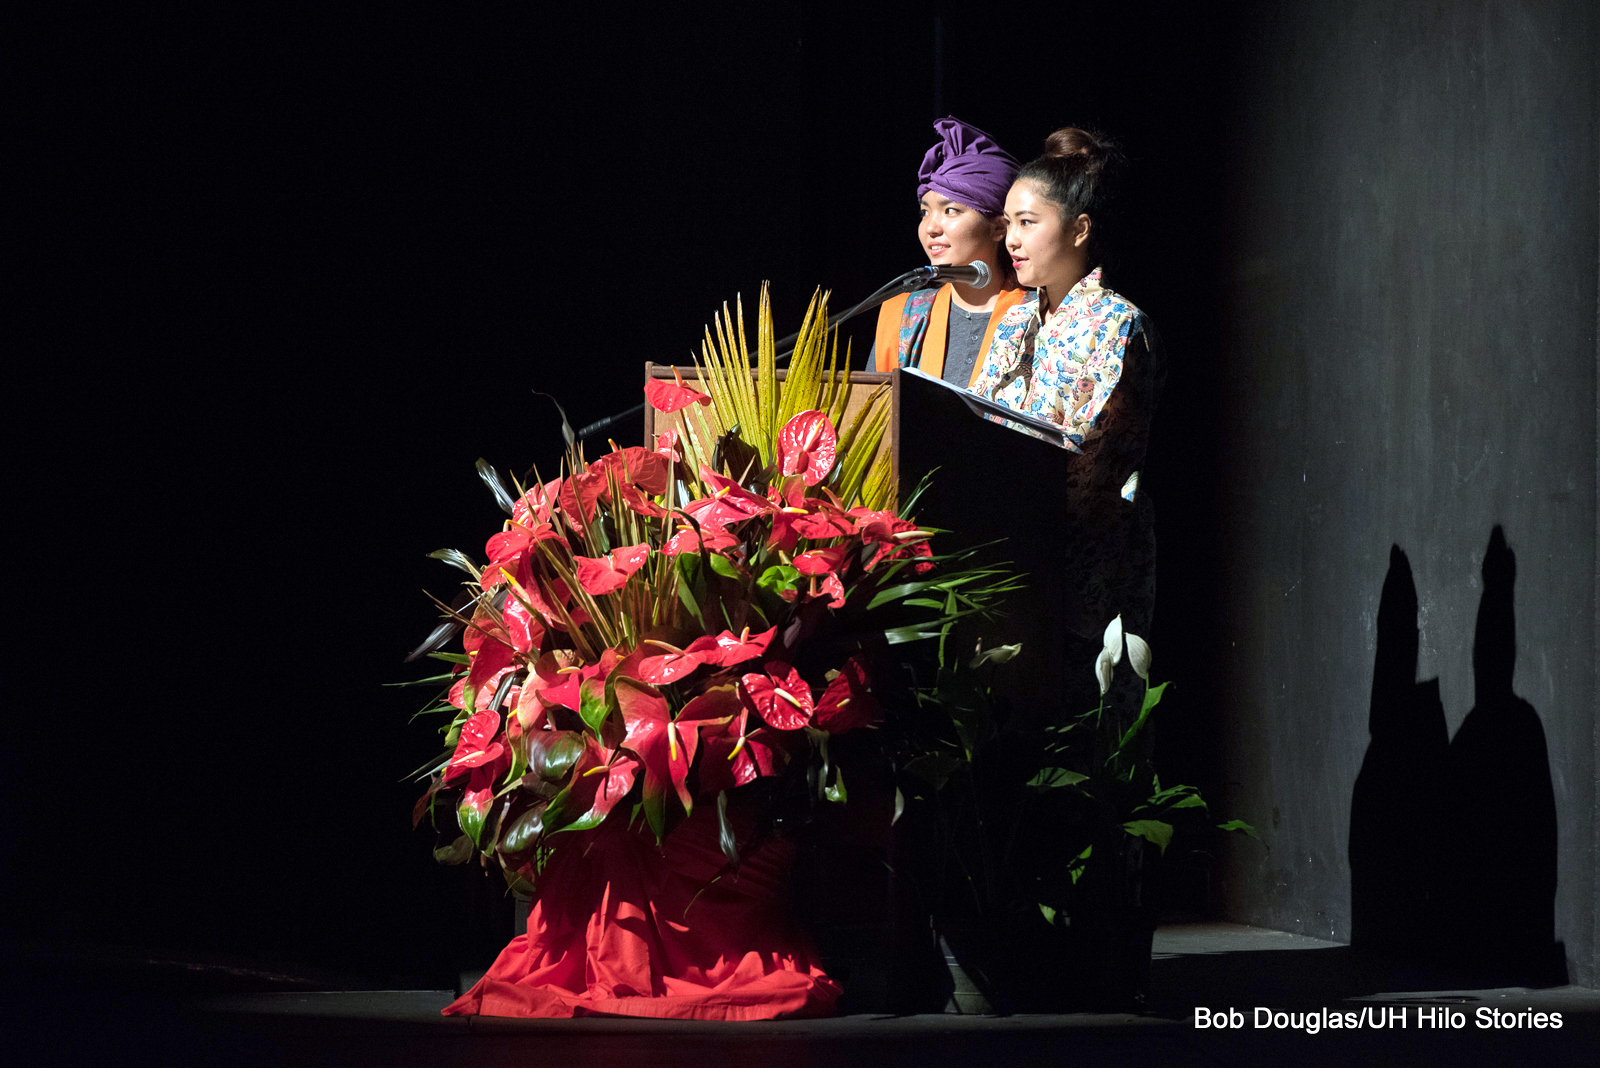 Two women at podium.